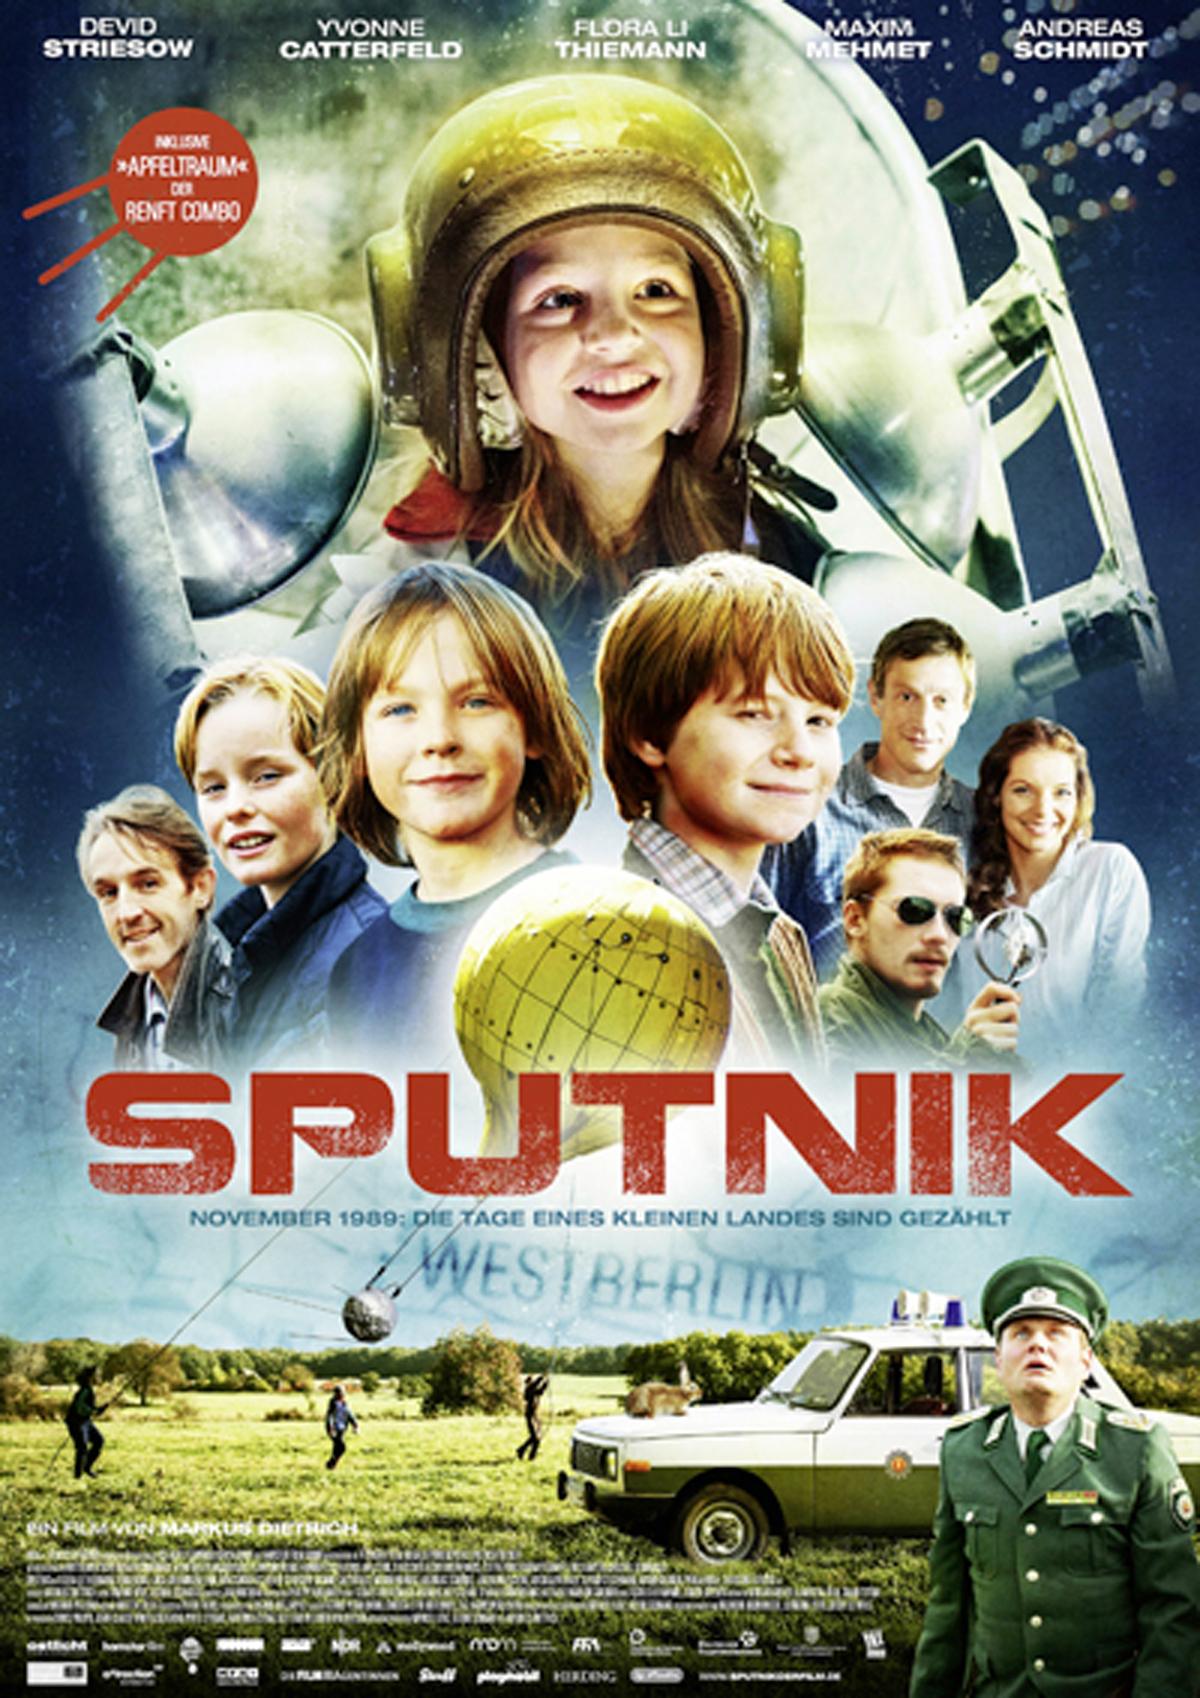 2013_Sputnik_ostlicht_filmproduktion.jpg